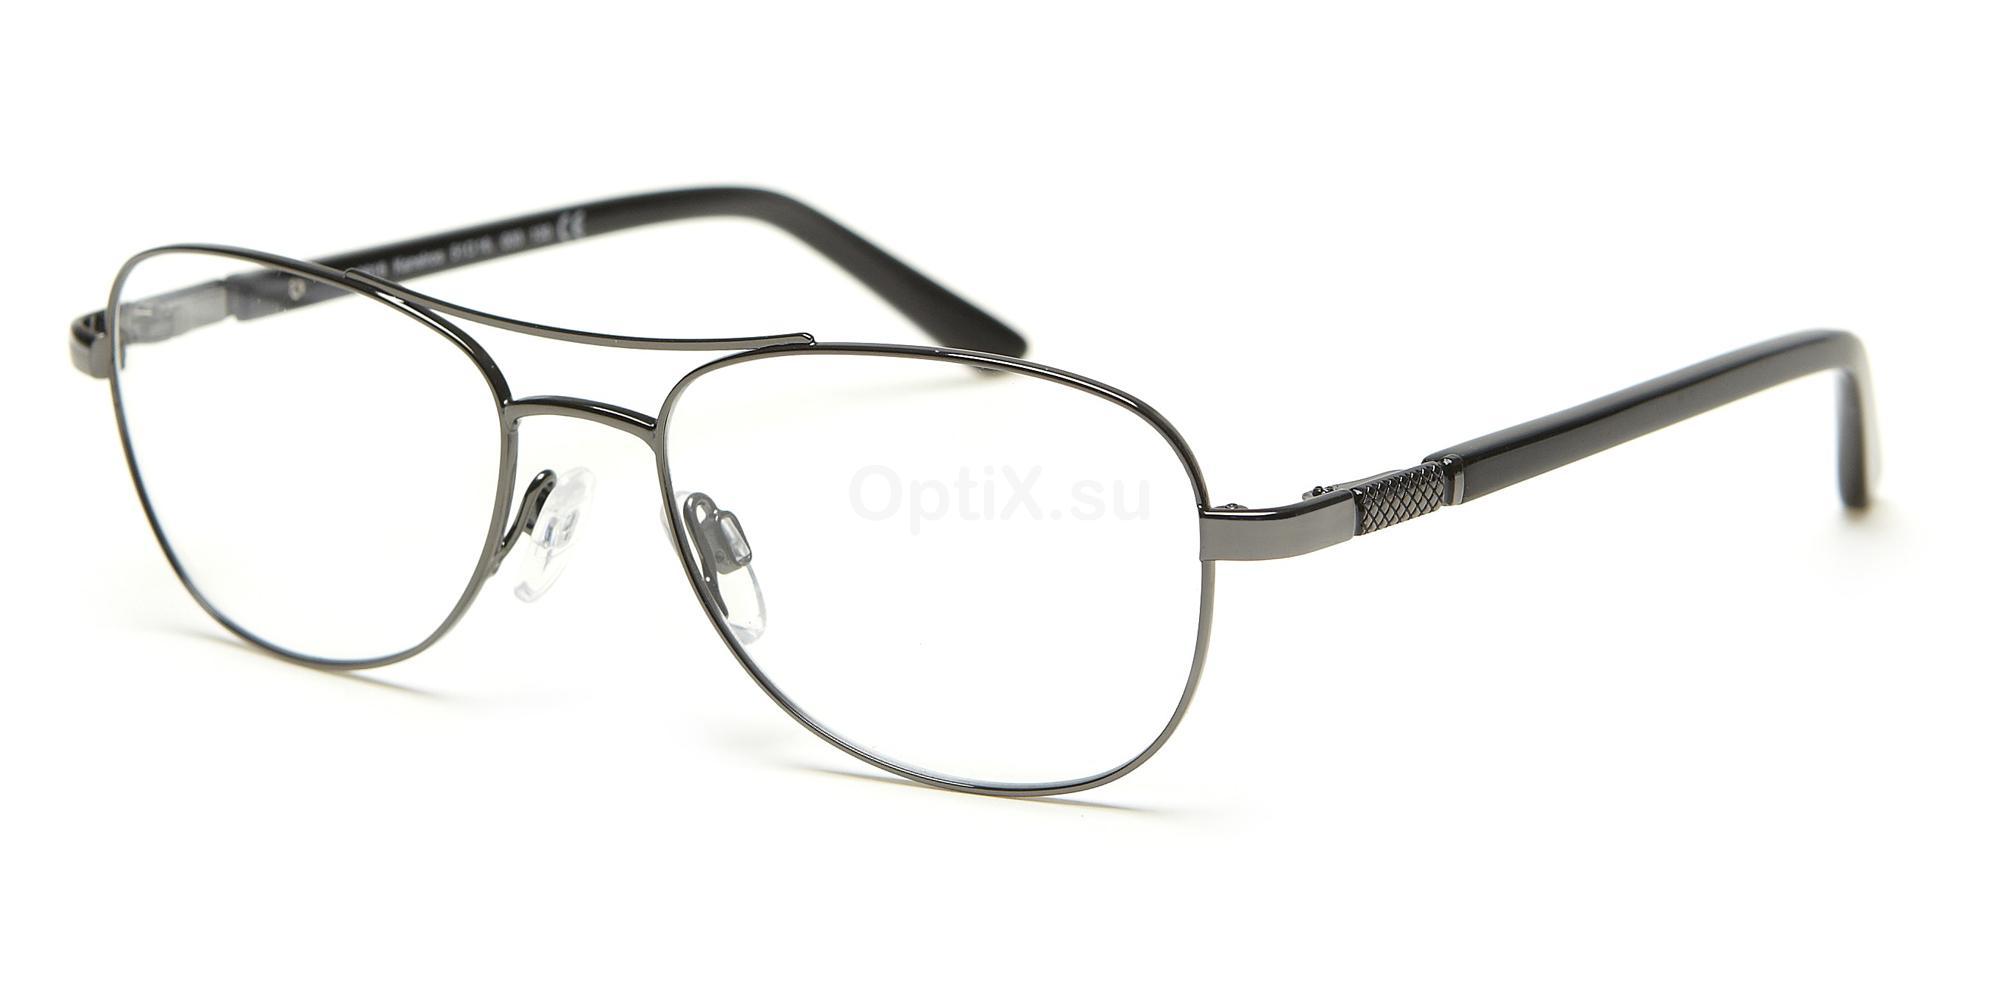 033 SK2616 KANELROS Glasses, Skaga